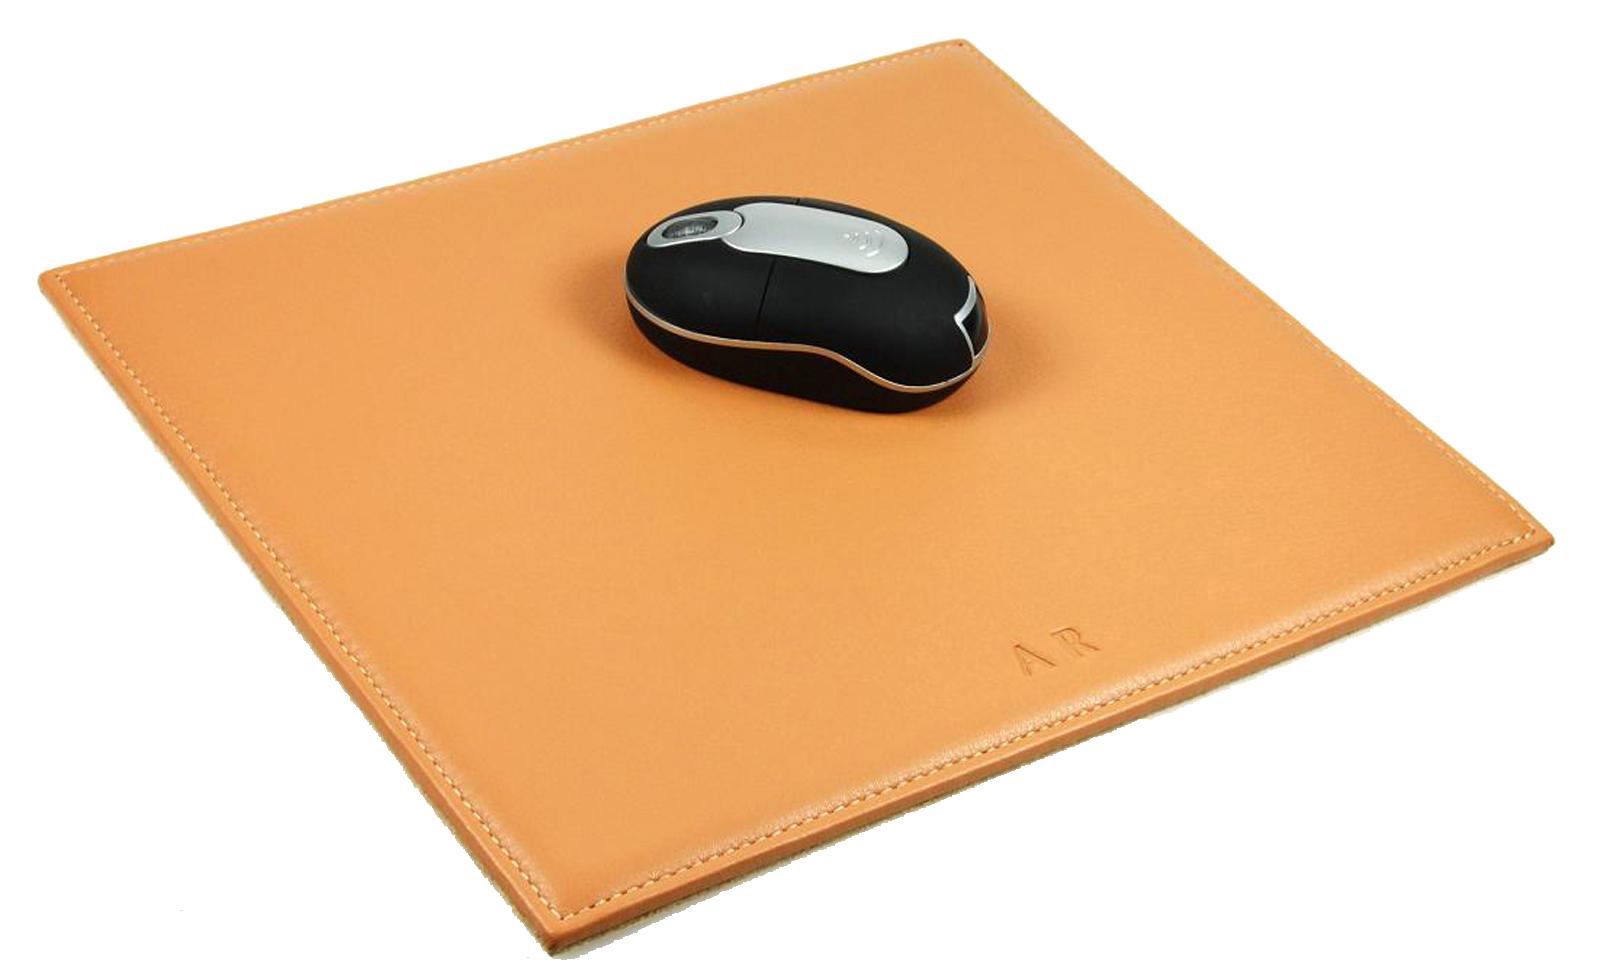 Какой коврик для мыши лучше выбрать: основные критерии и рекомендации